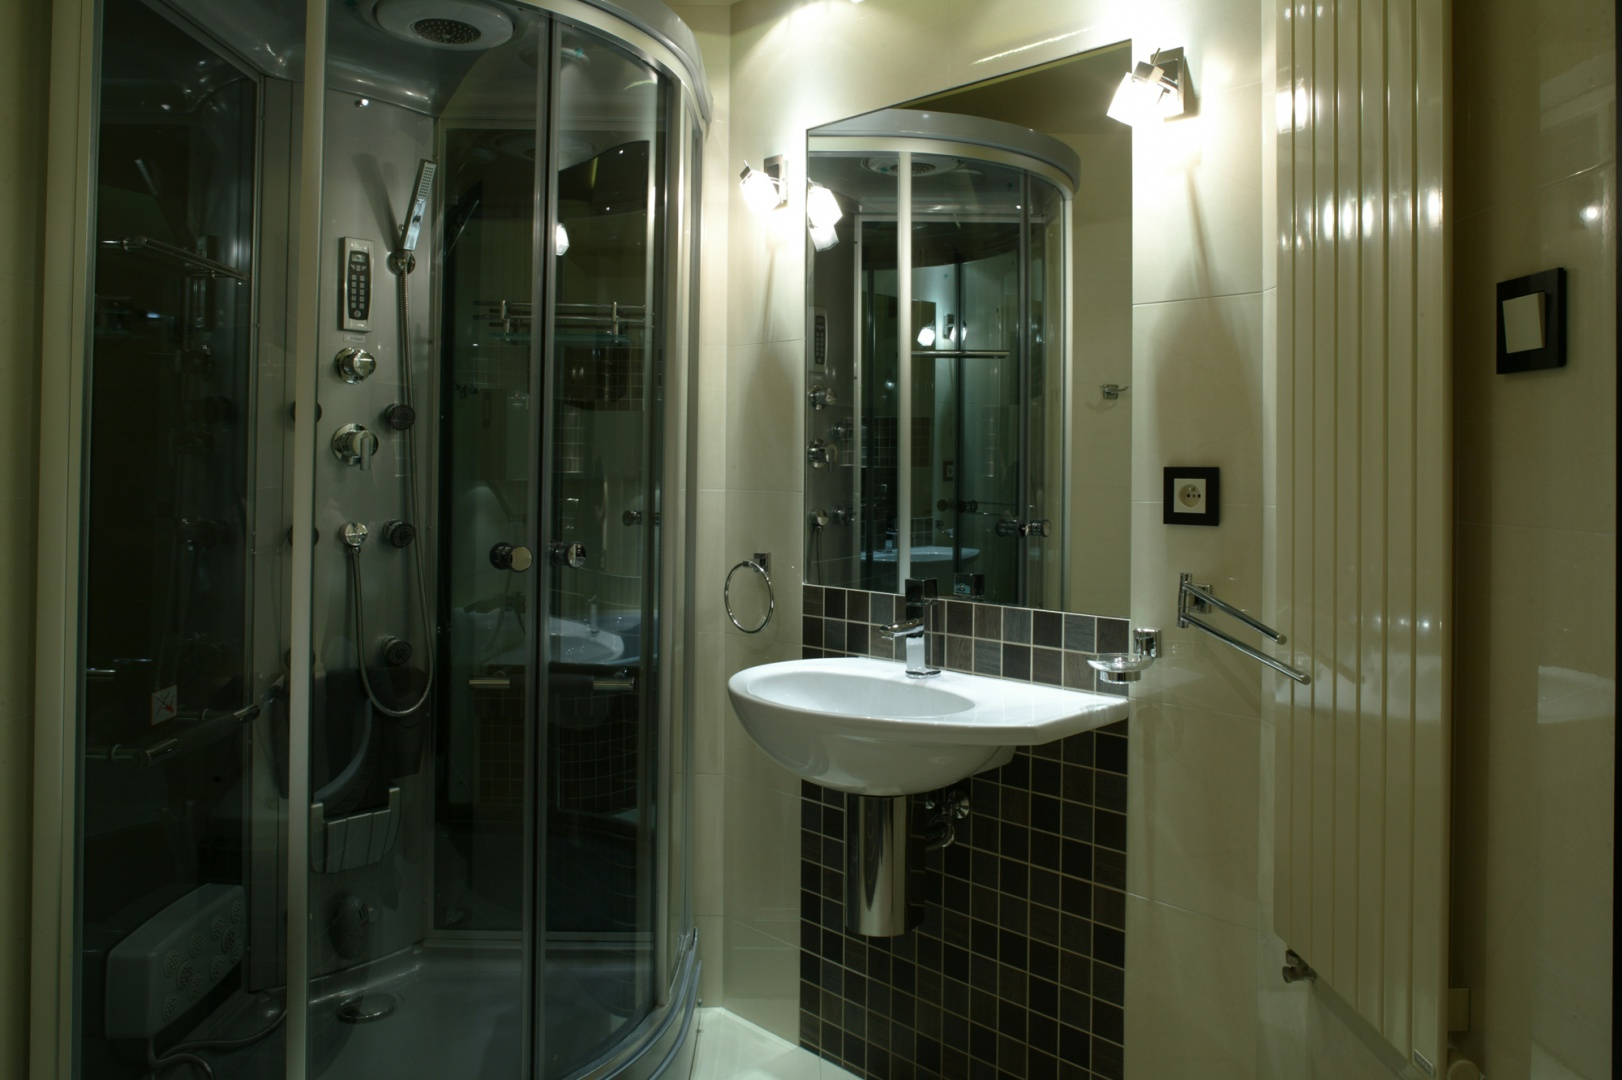 Zarówno ceramika firmy Ceramica Globo, jak i akcesoria łazienkowe przybierają proste formy idealnie wpisując się w estetykę całej przestrzeni. Fot. Bartosz Jarosz.